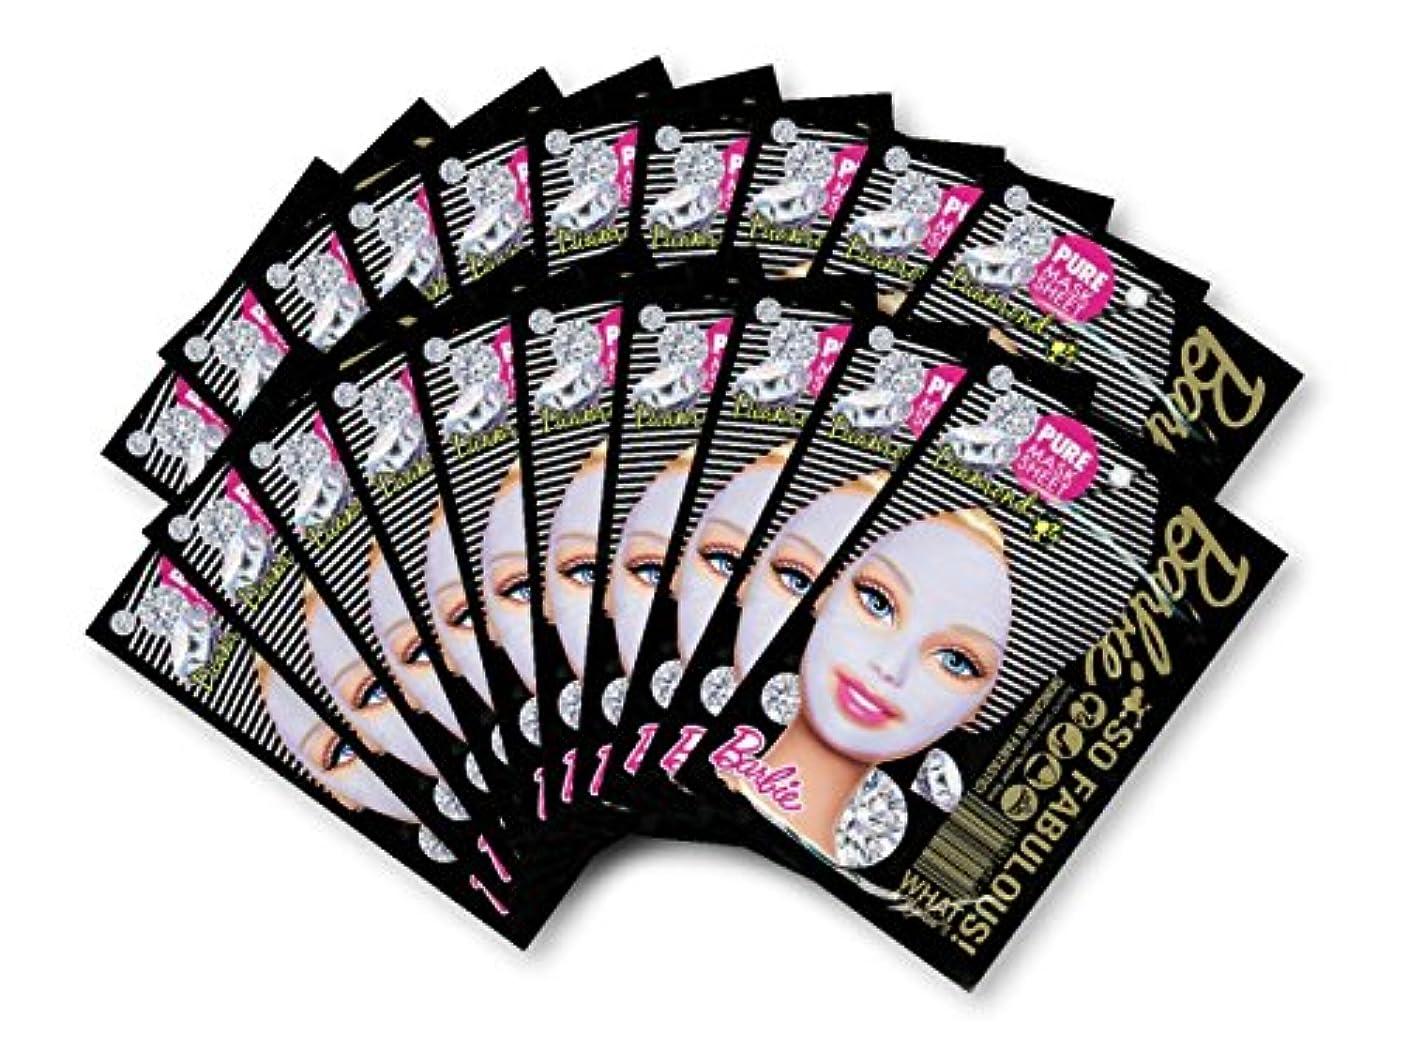 ベーシック推論流行バービー (Barbie) フェイスマスク ピュアマスクシートN (ダイアモンド) 25ml×20枚入り [保湿] 顔 シートマスク フェイスパック